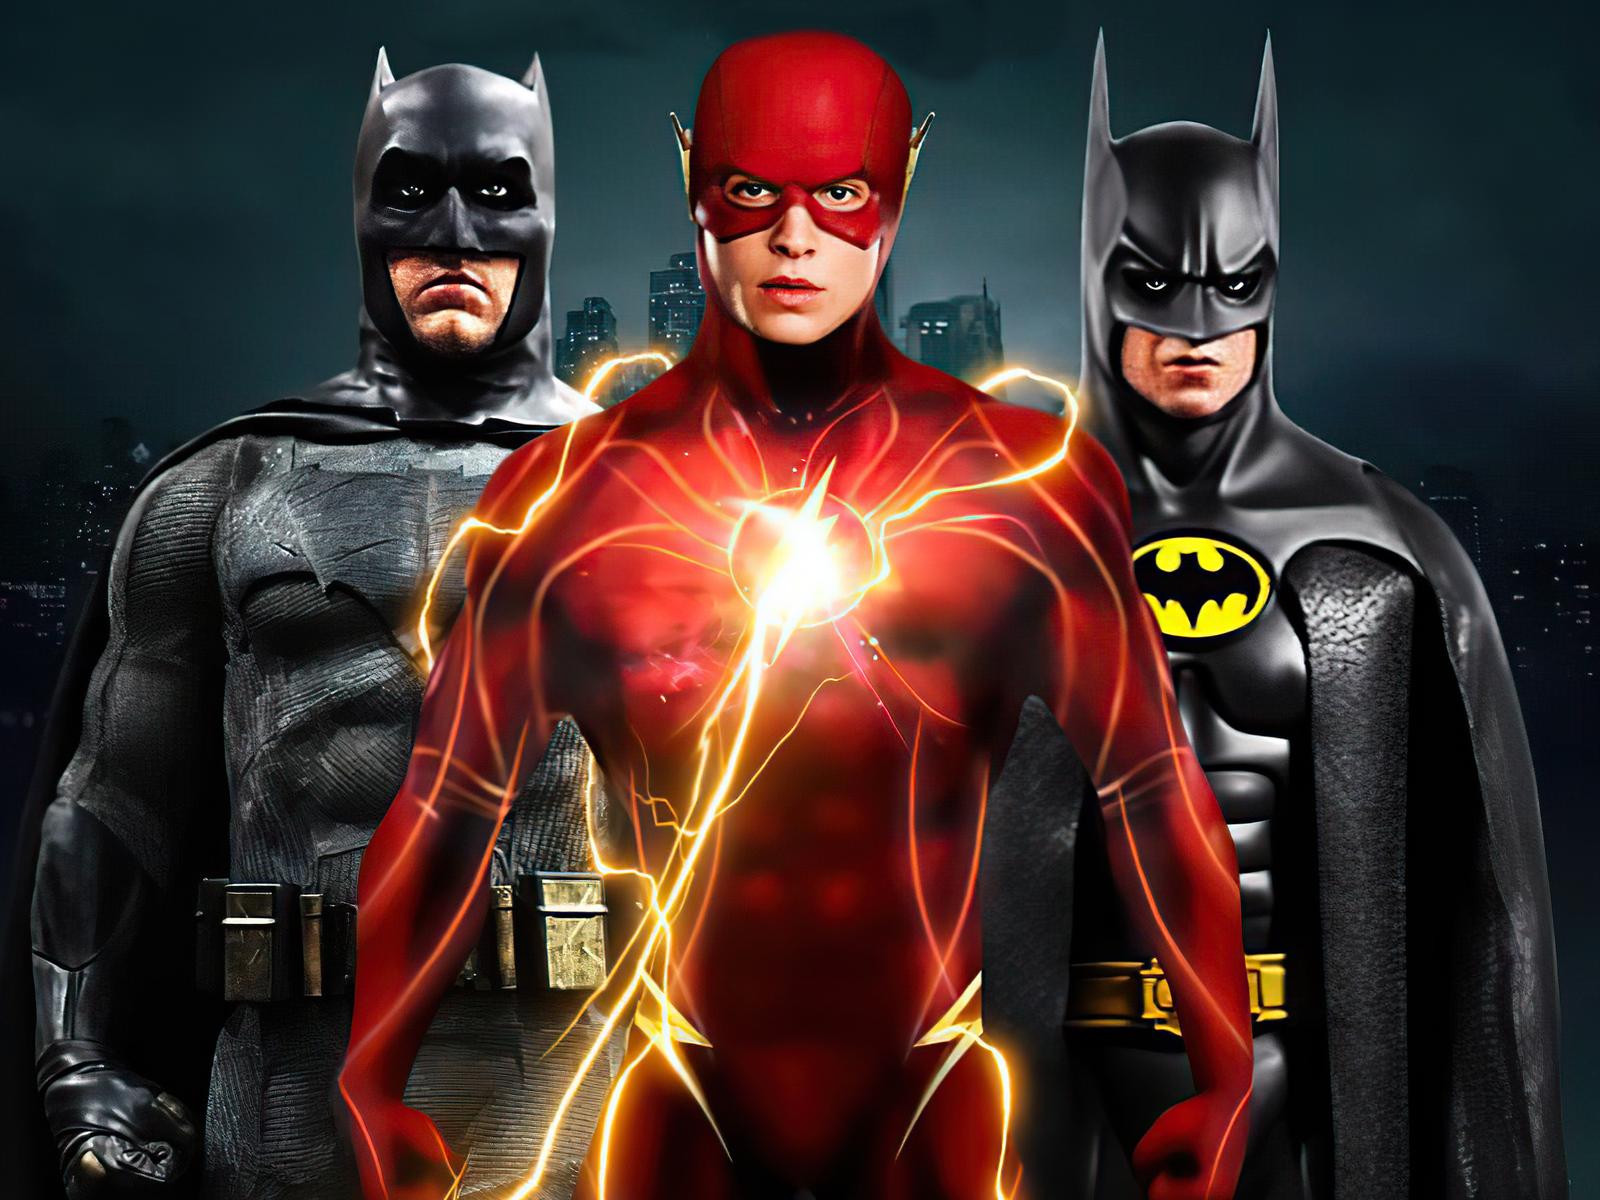 flash-and-two-batmans-4k-y8.jpg